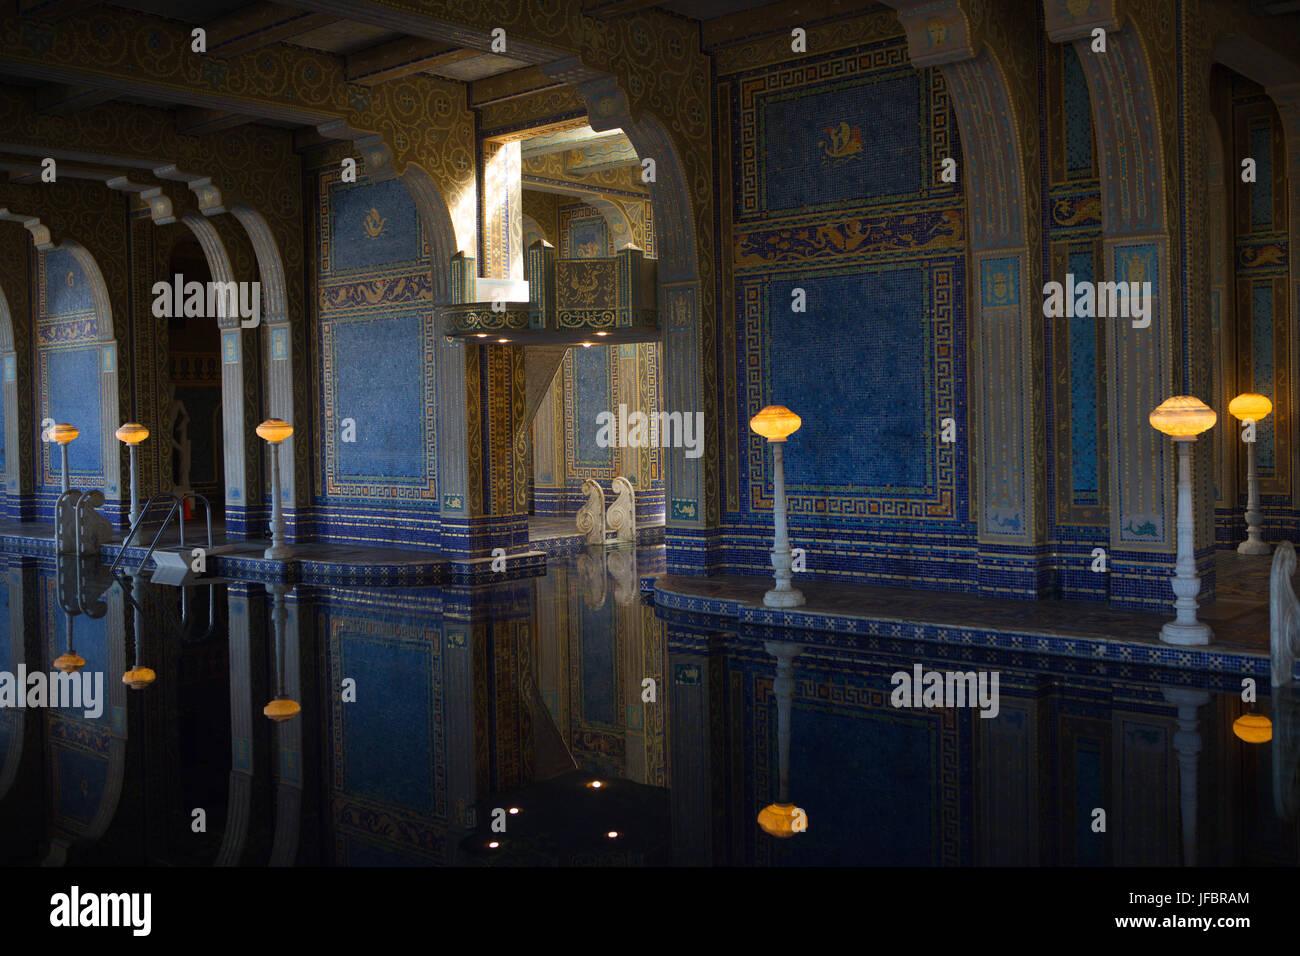 La piscina romana en Hearst Castle, al estilo de un antiguo baño romano, está embaldosado con patrones de mosaico en azul y oro, y iluminado con luces ornamentadas esculturas. Foto de stock